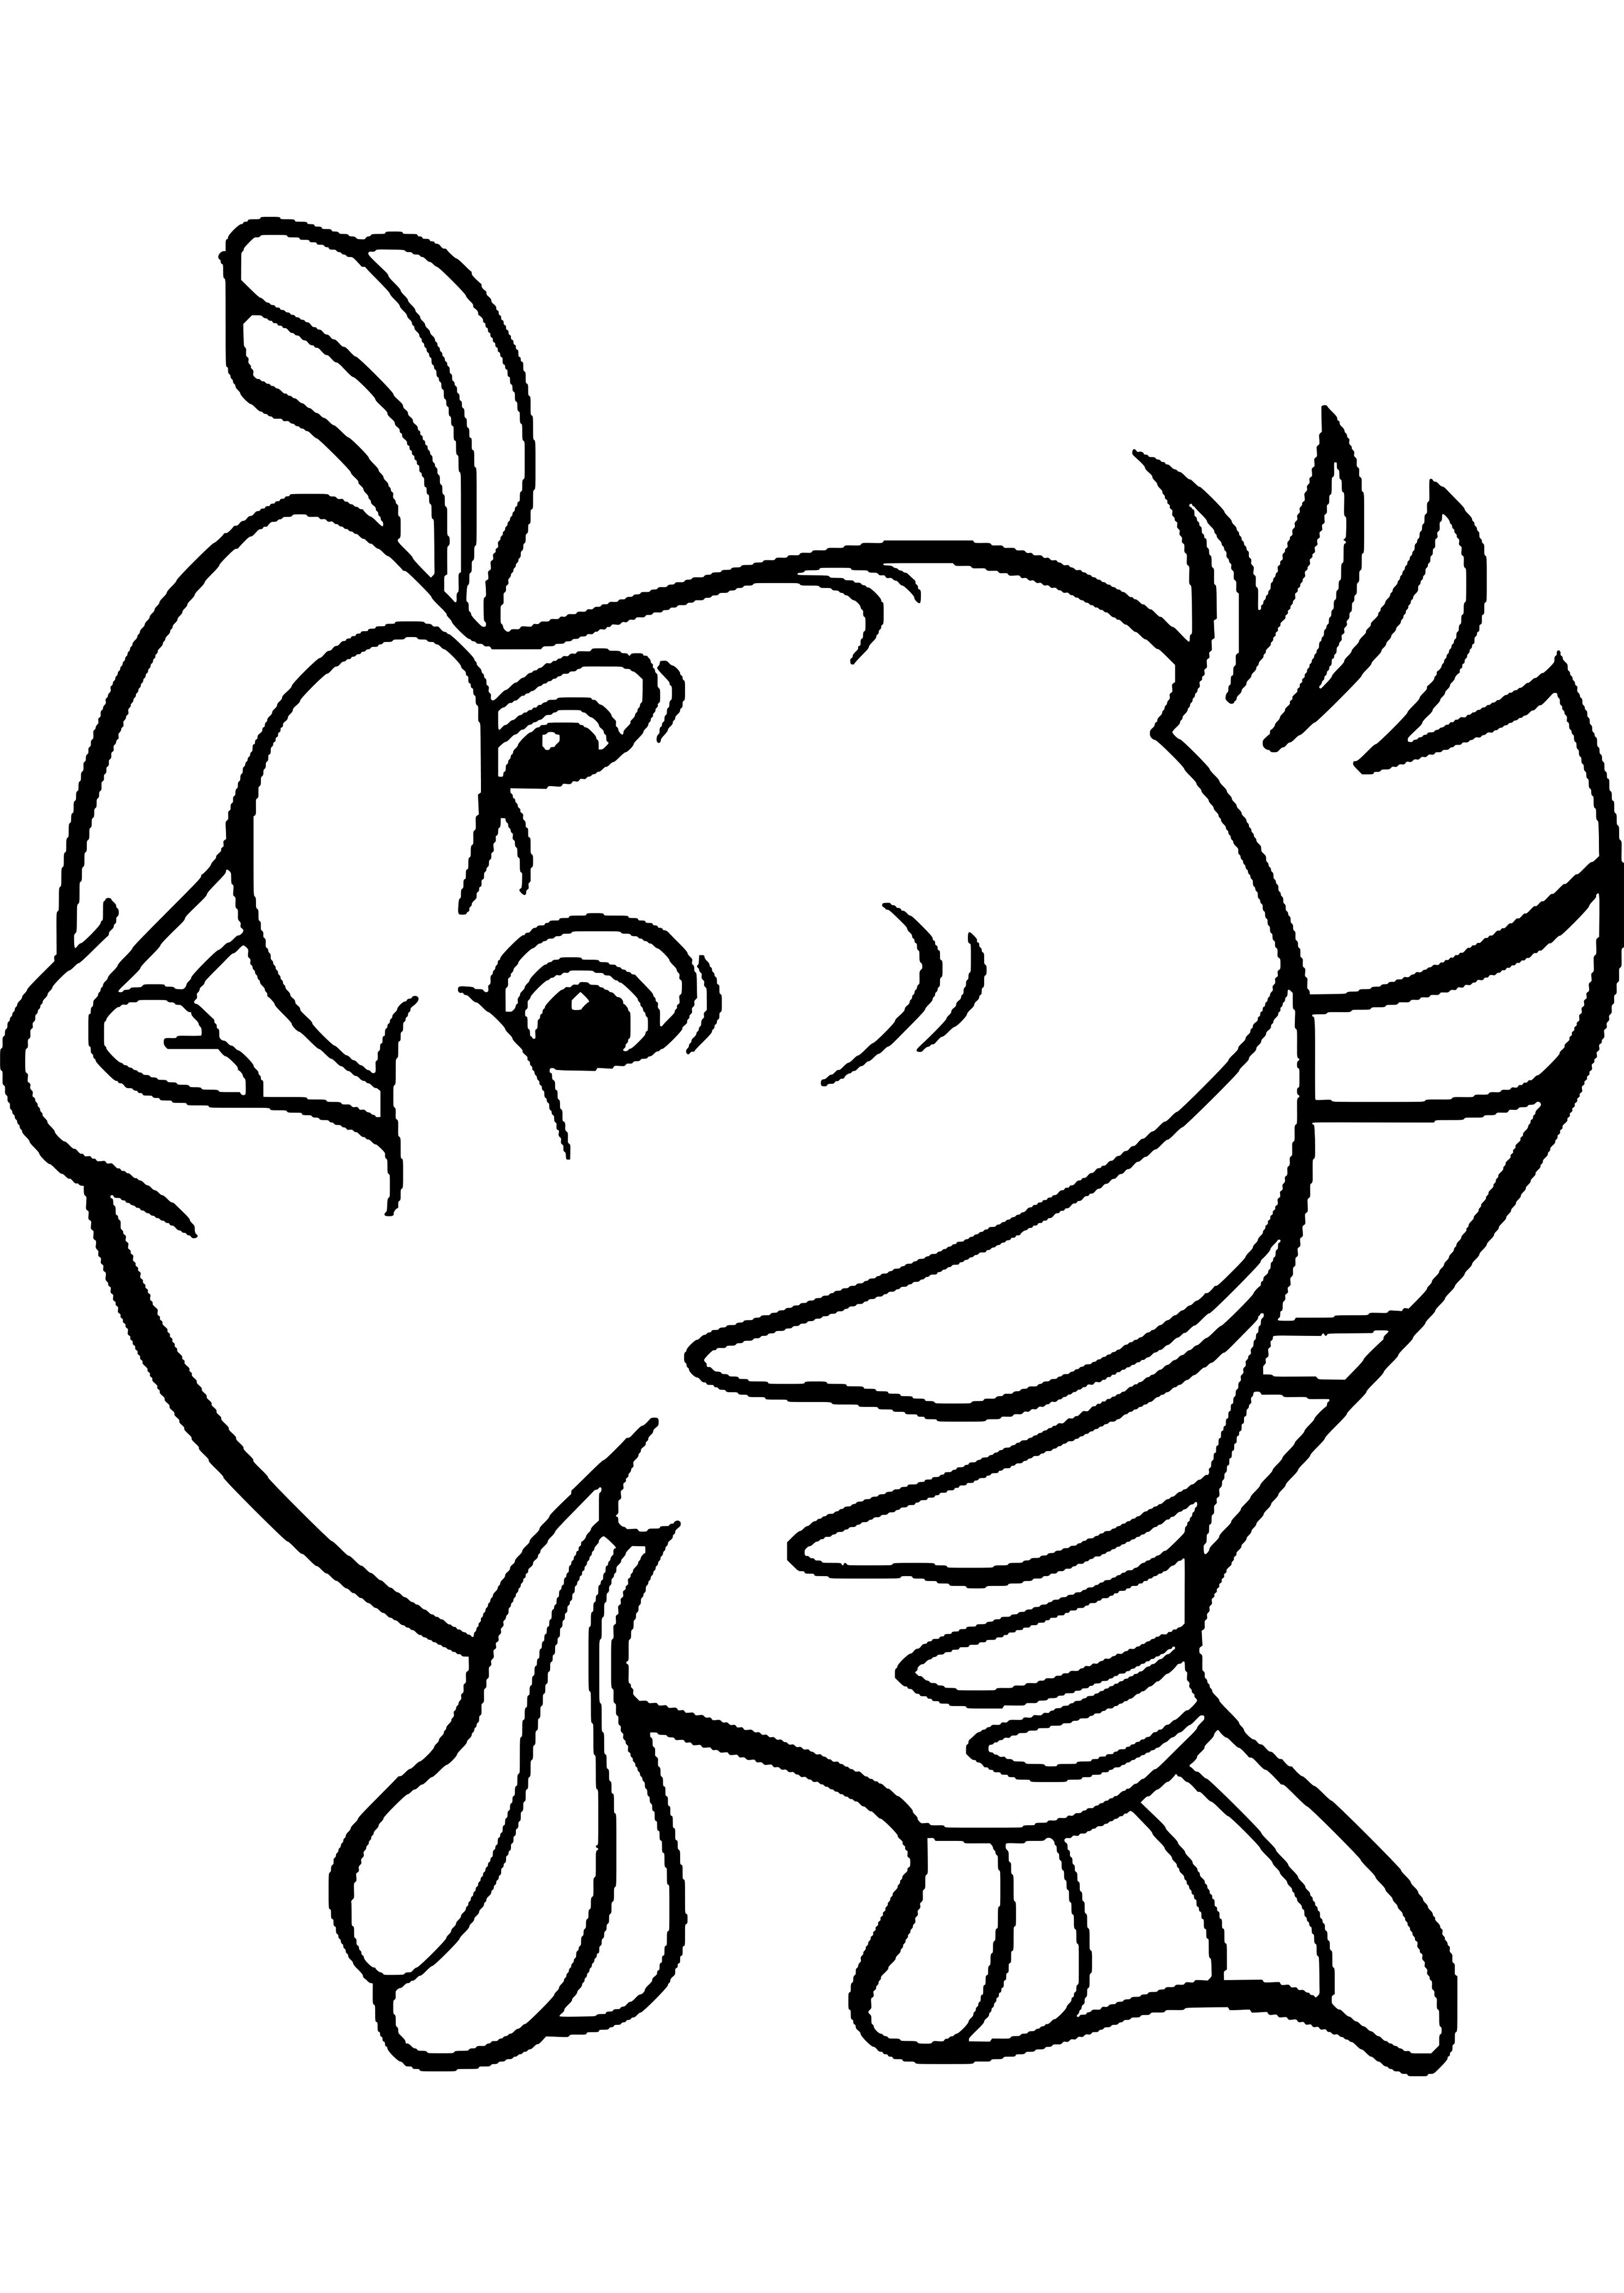 dessin poisson - Recherche Google | Dessin poisson, Dessin ...